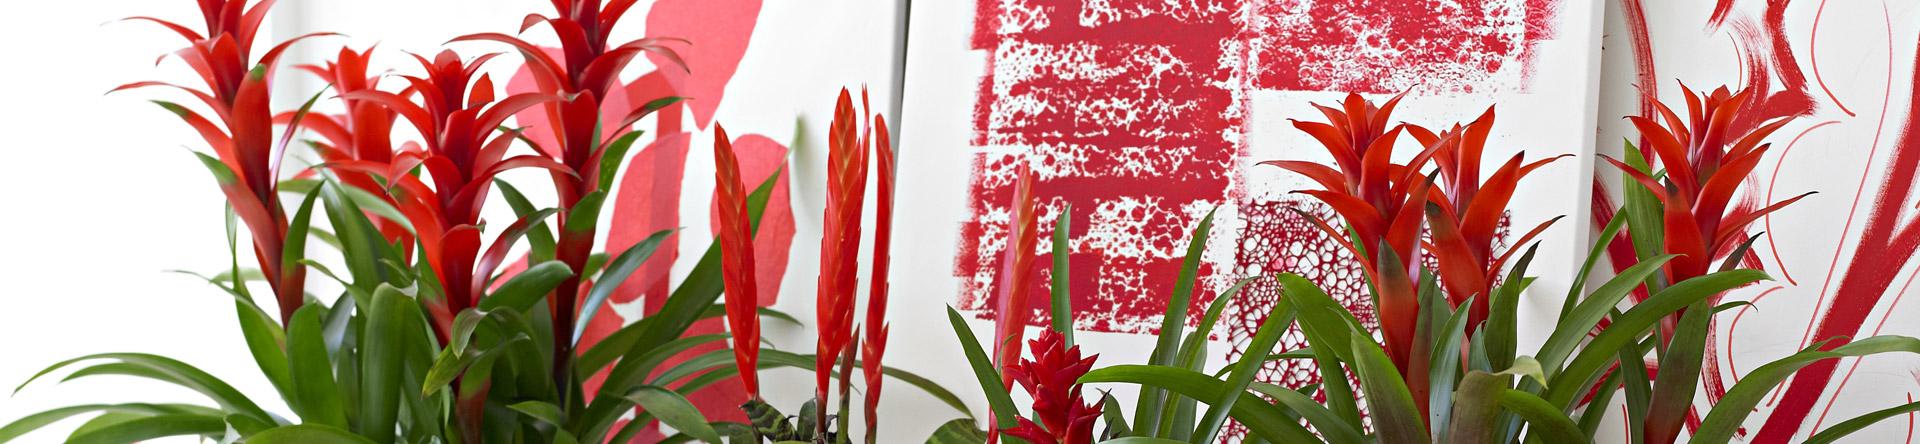 Avec des ancêtres dans la rude Cordillère des Andes, mais aussi dans les forêts tropicales d'Uruquay, la Bromélia n'est certainement pas une fleur délicate!